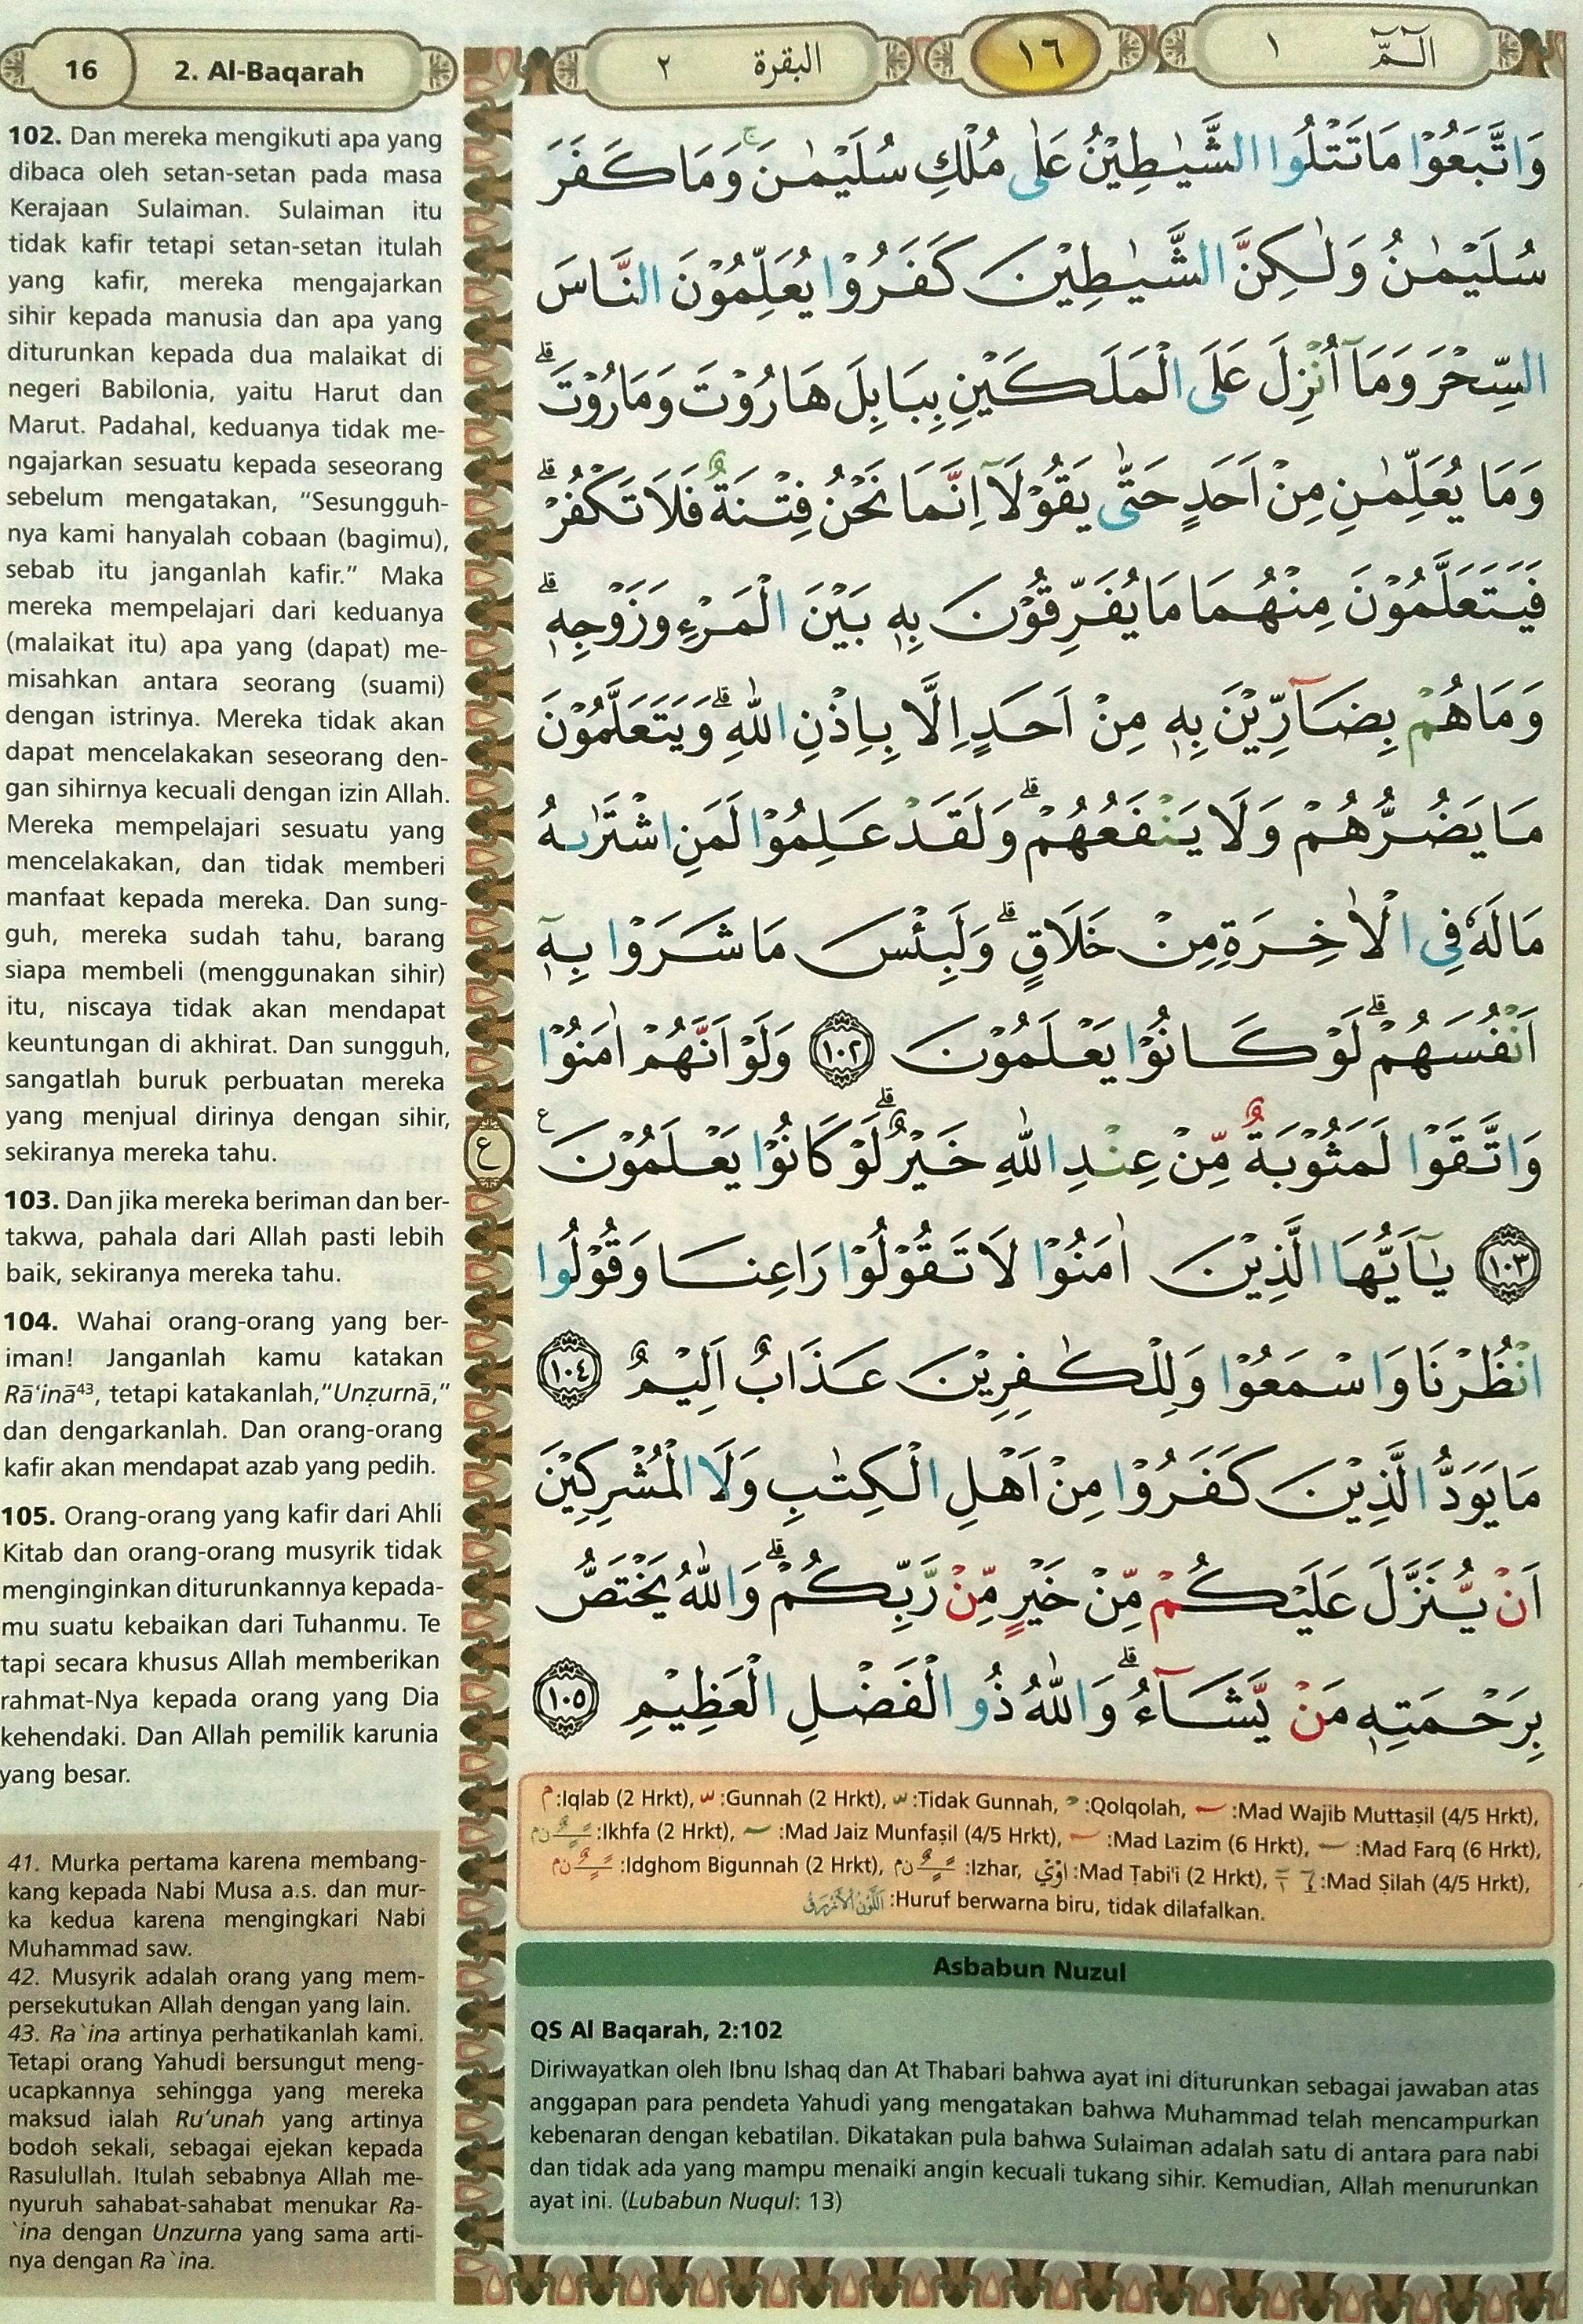 Al Baqarah Ayat 102 105 Hal 16 Quran Tajwid Dan Terjemahan